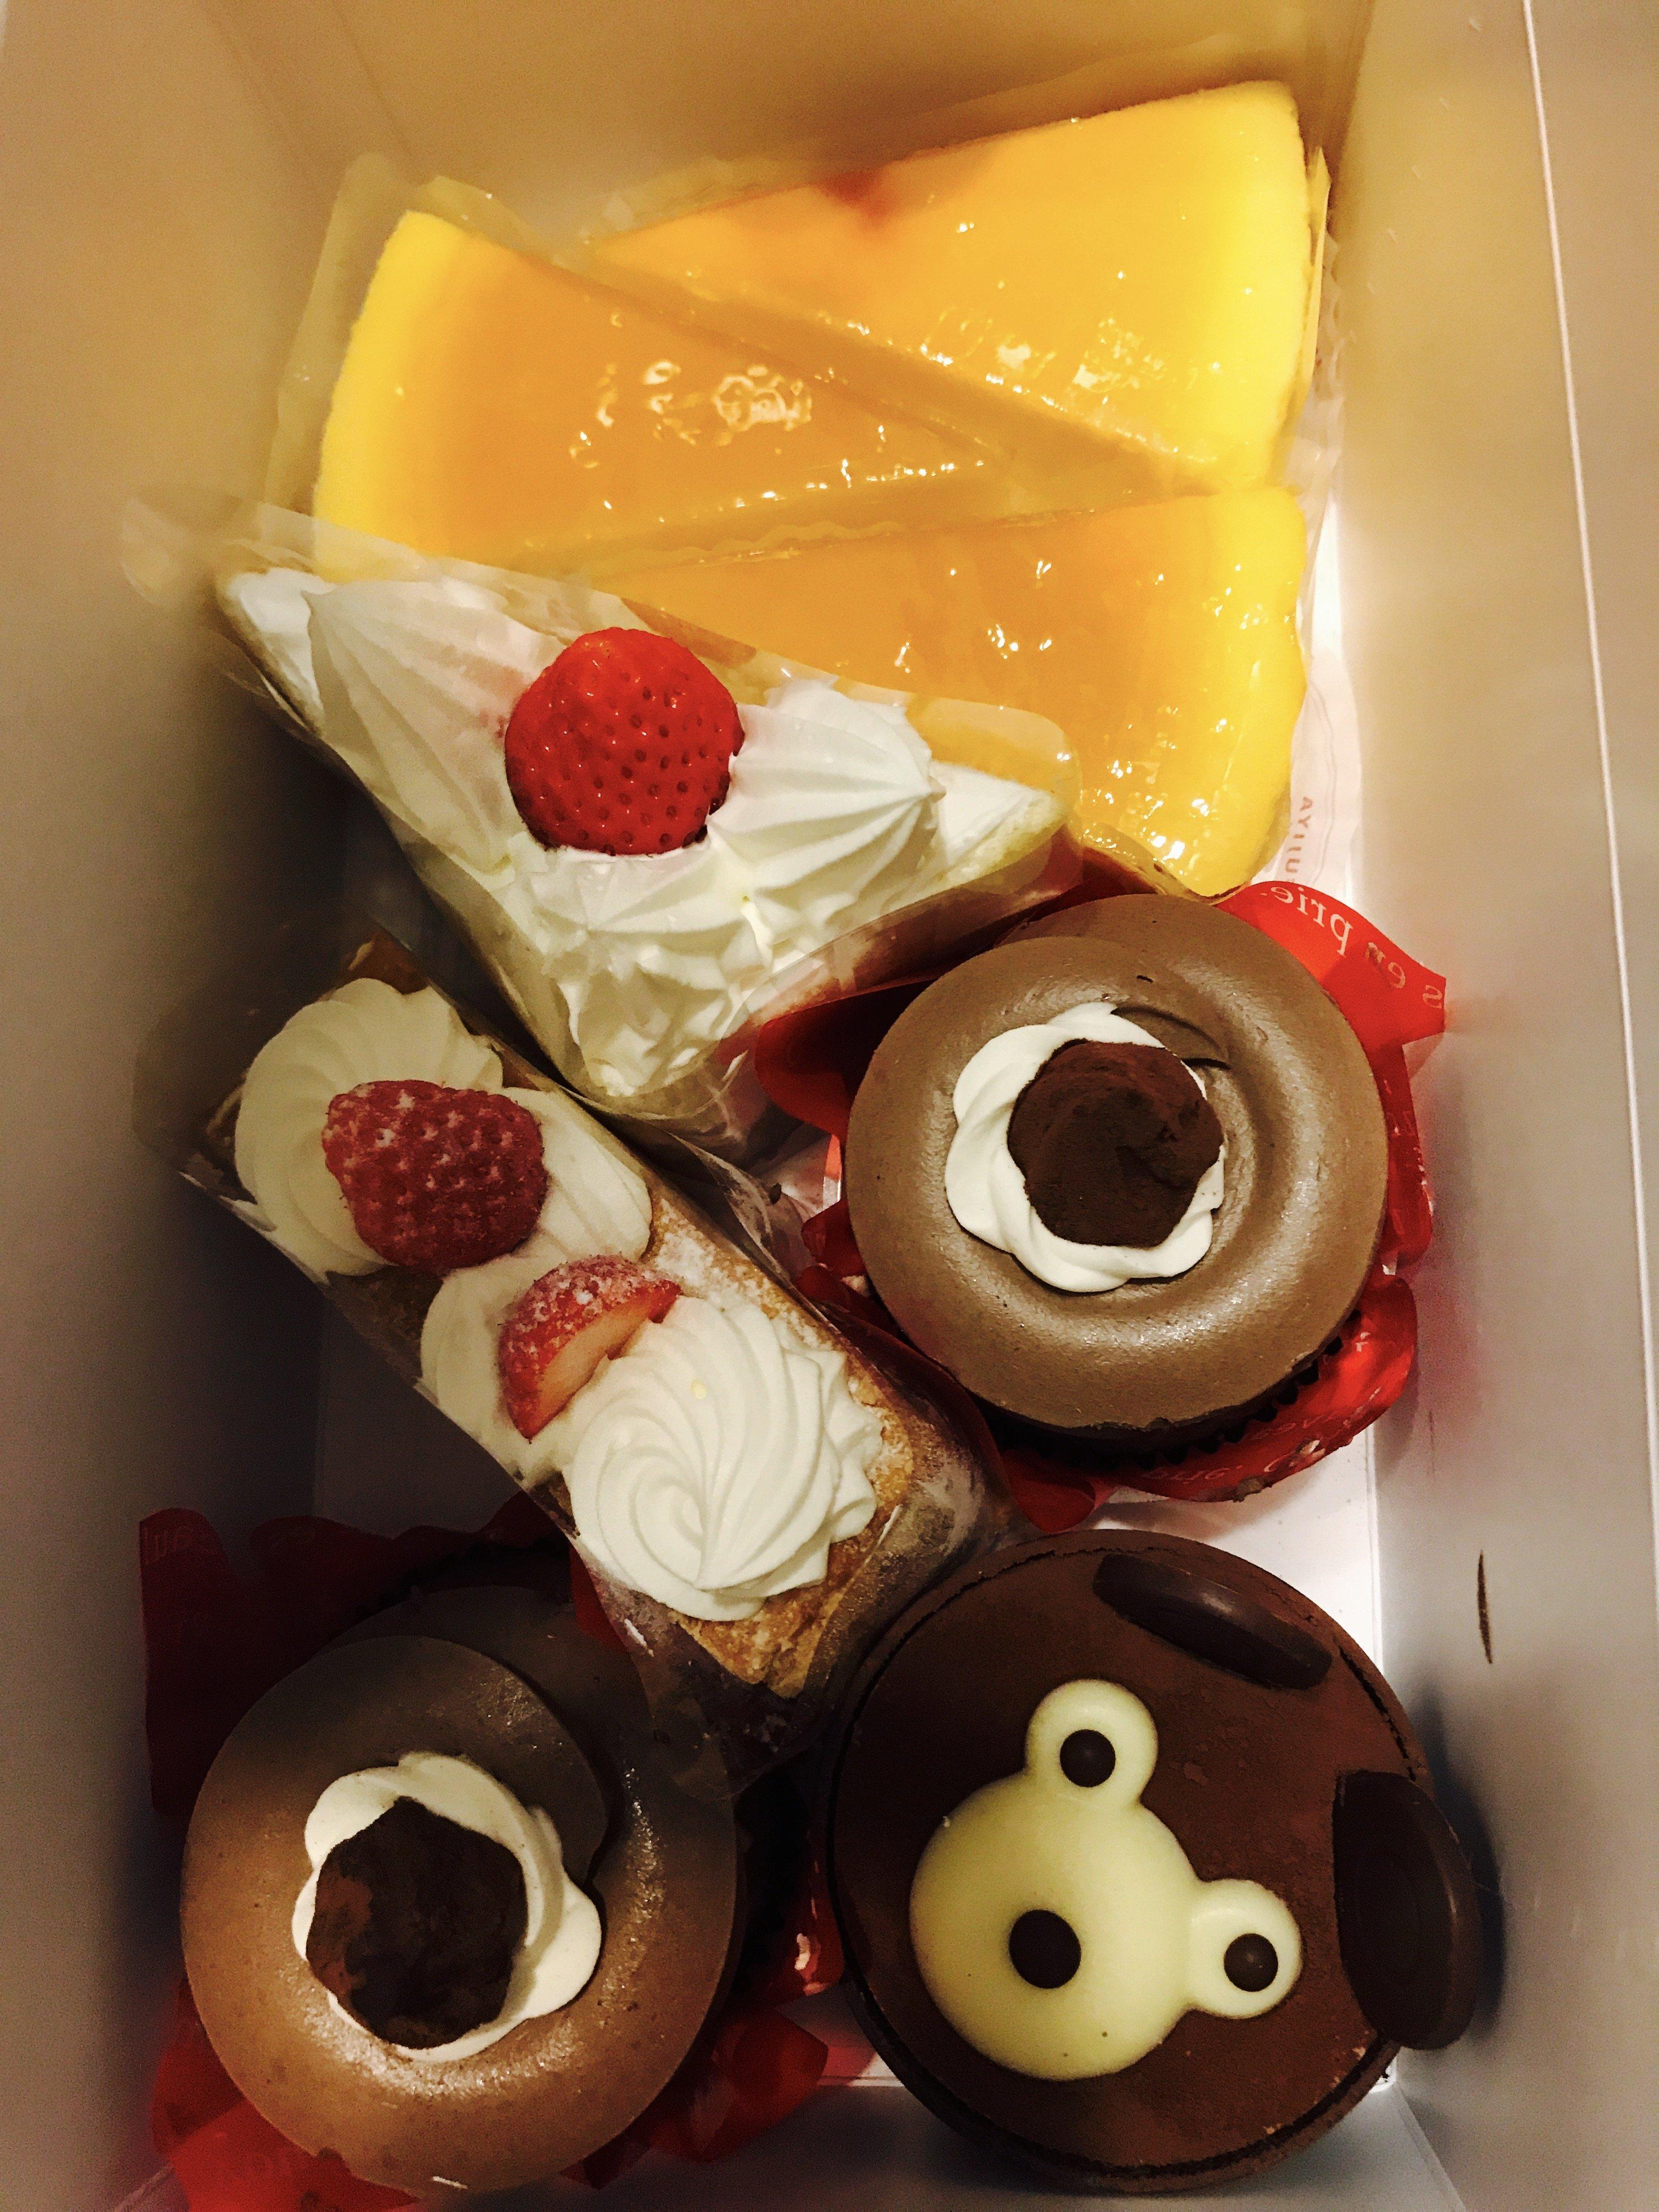 なんの日でもないのにお客様からケーキをいただきました♡